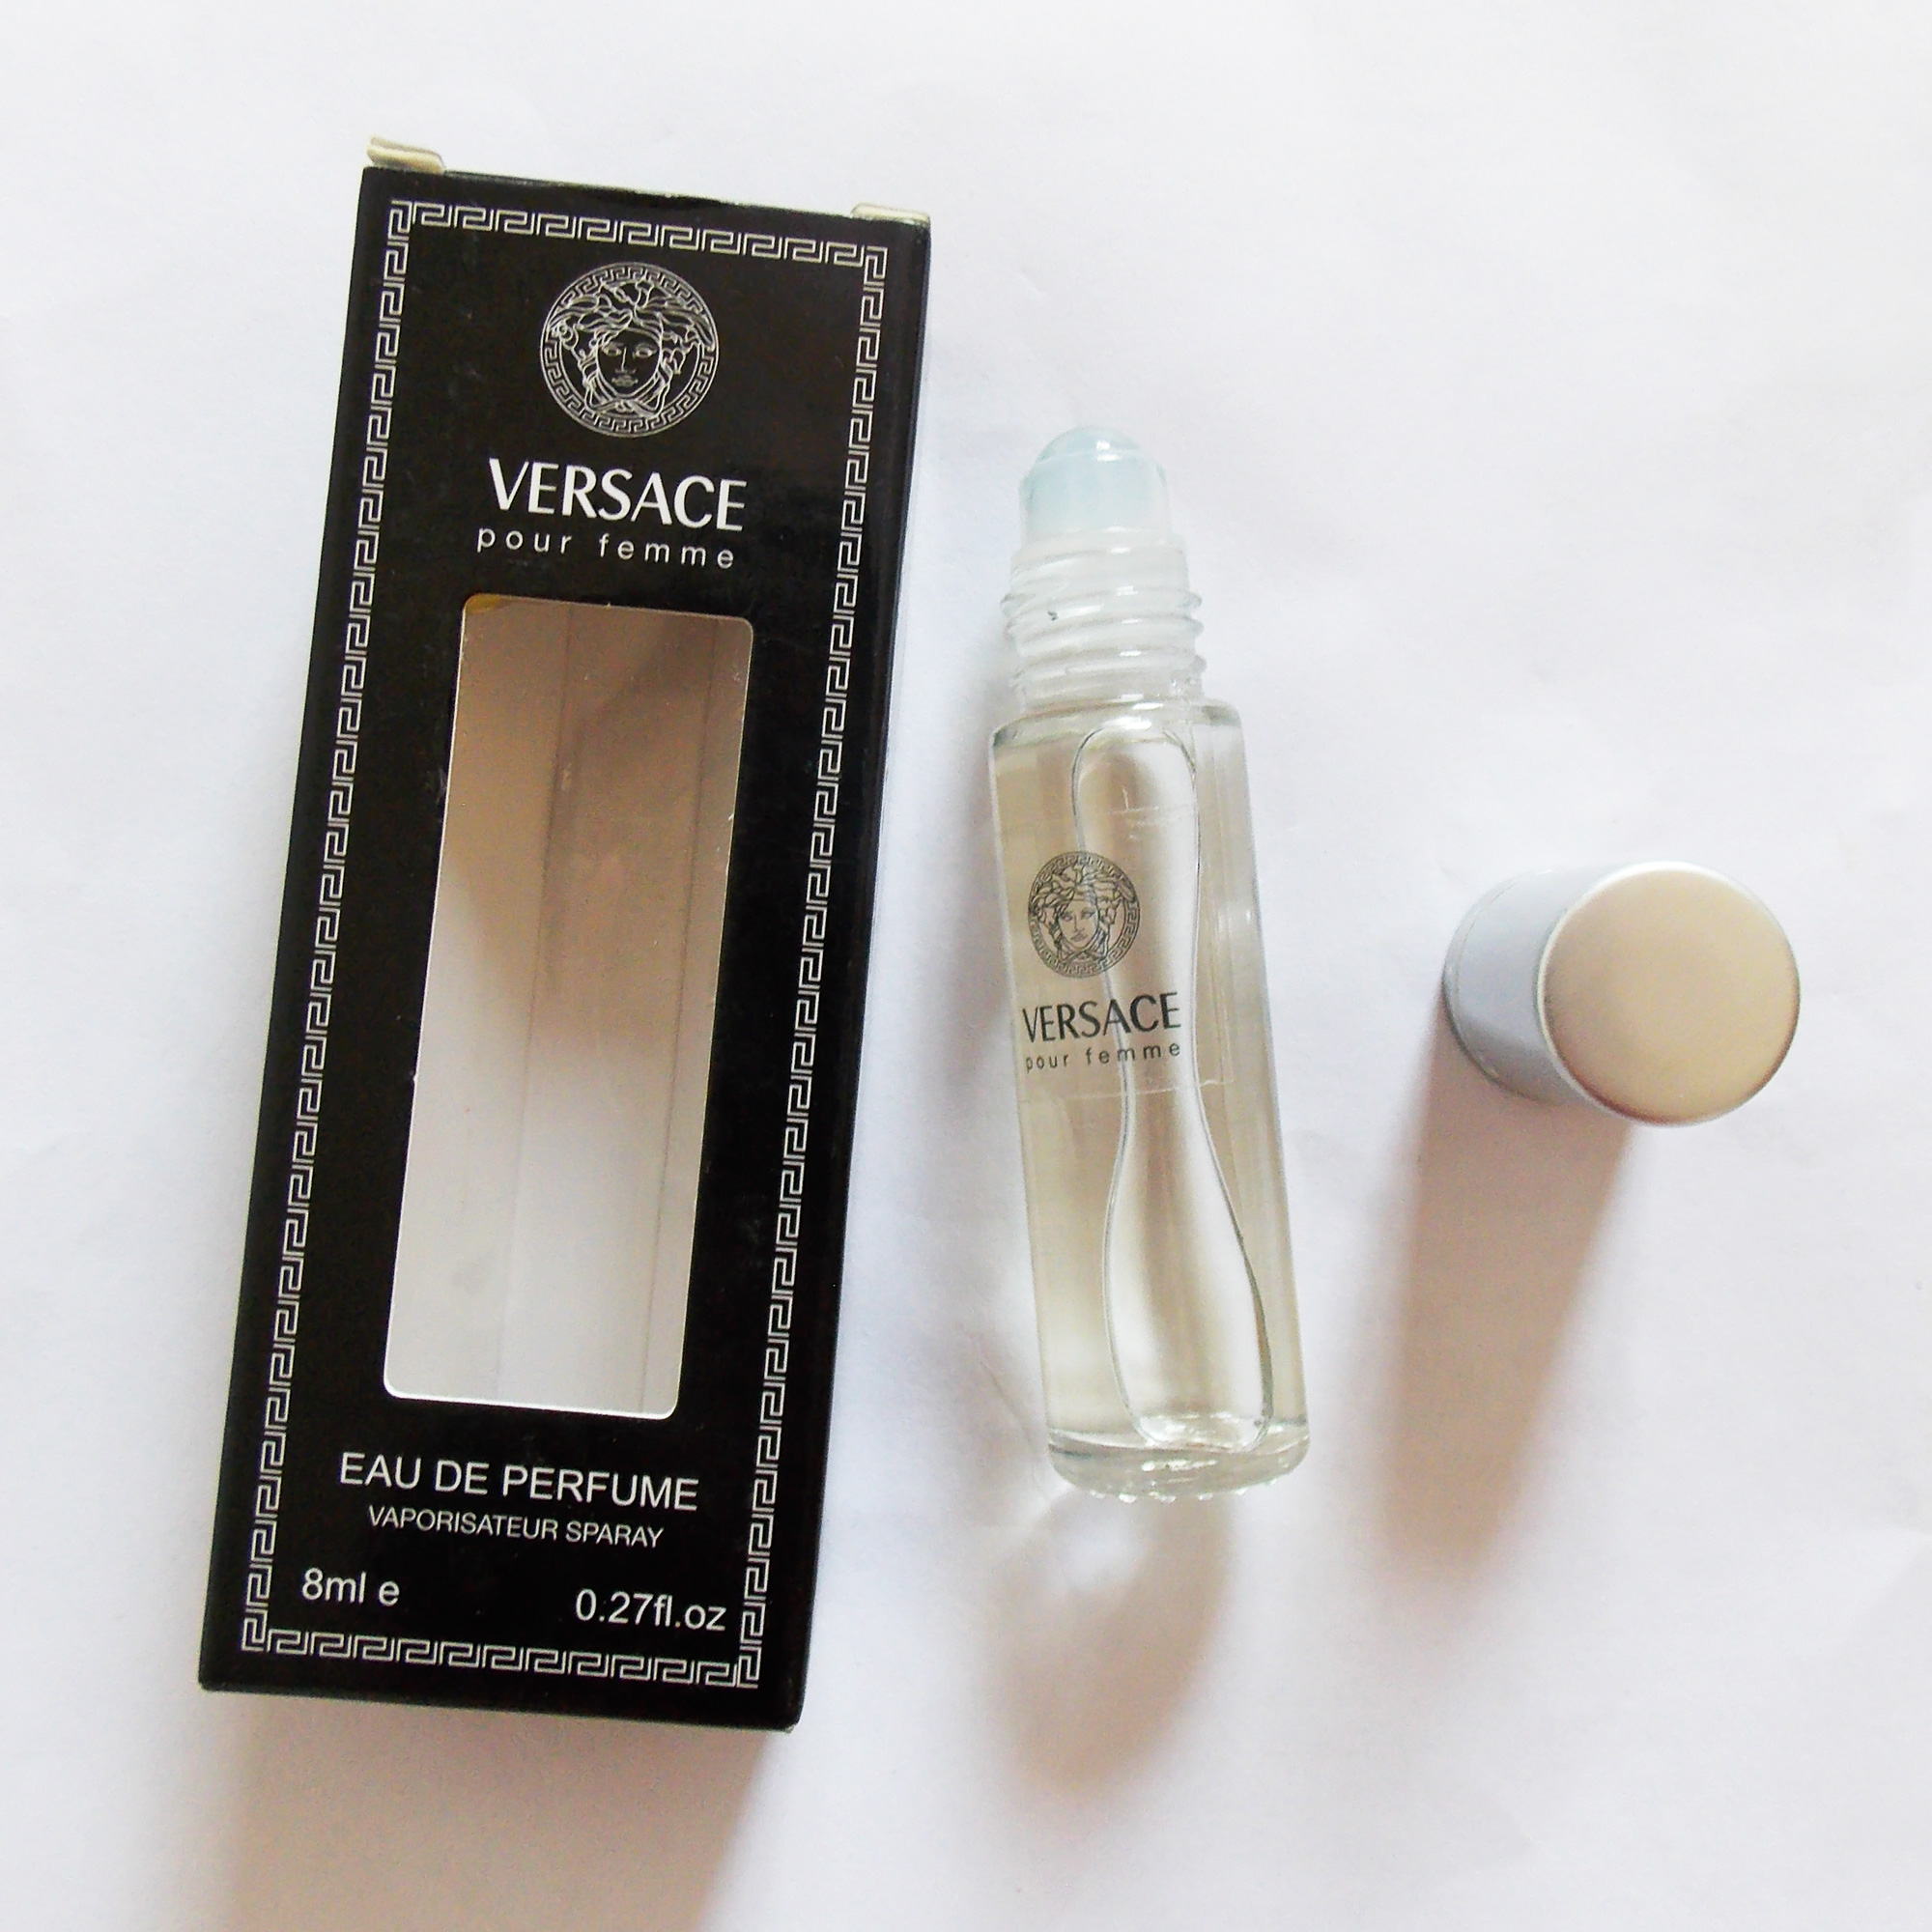 Nước hoa Versace lăn 8ml